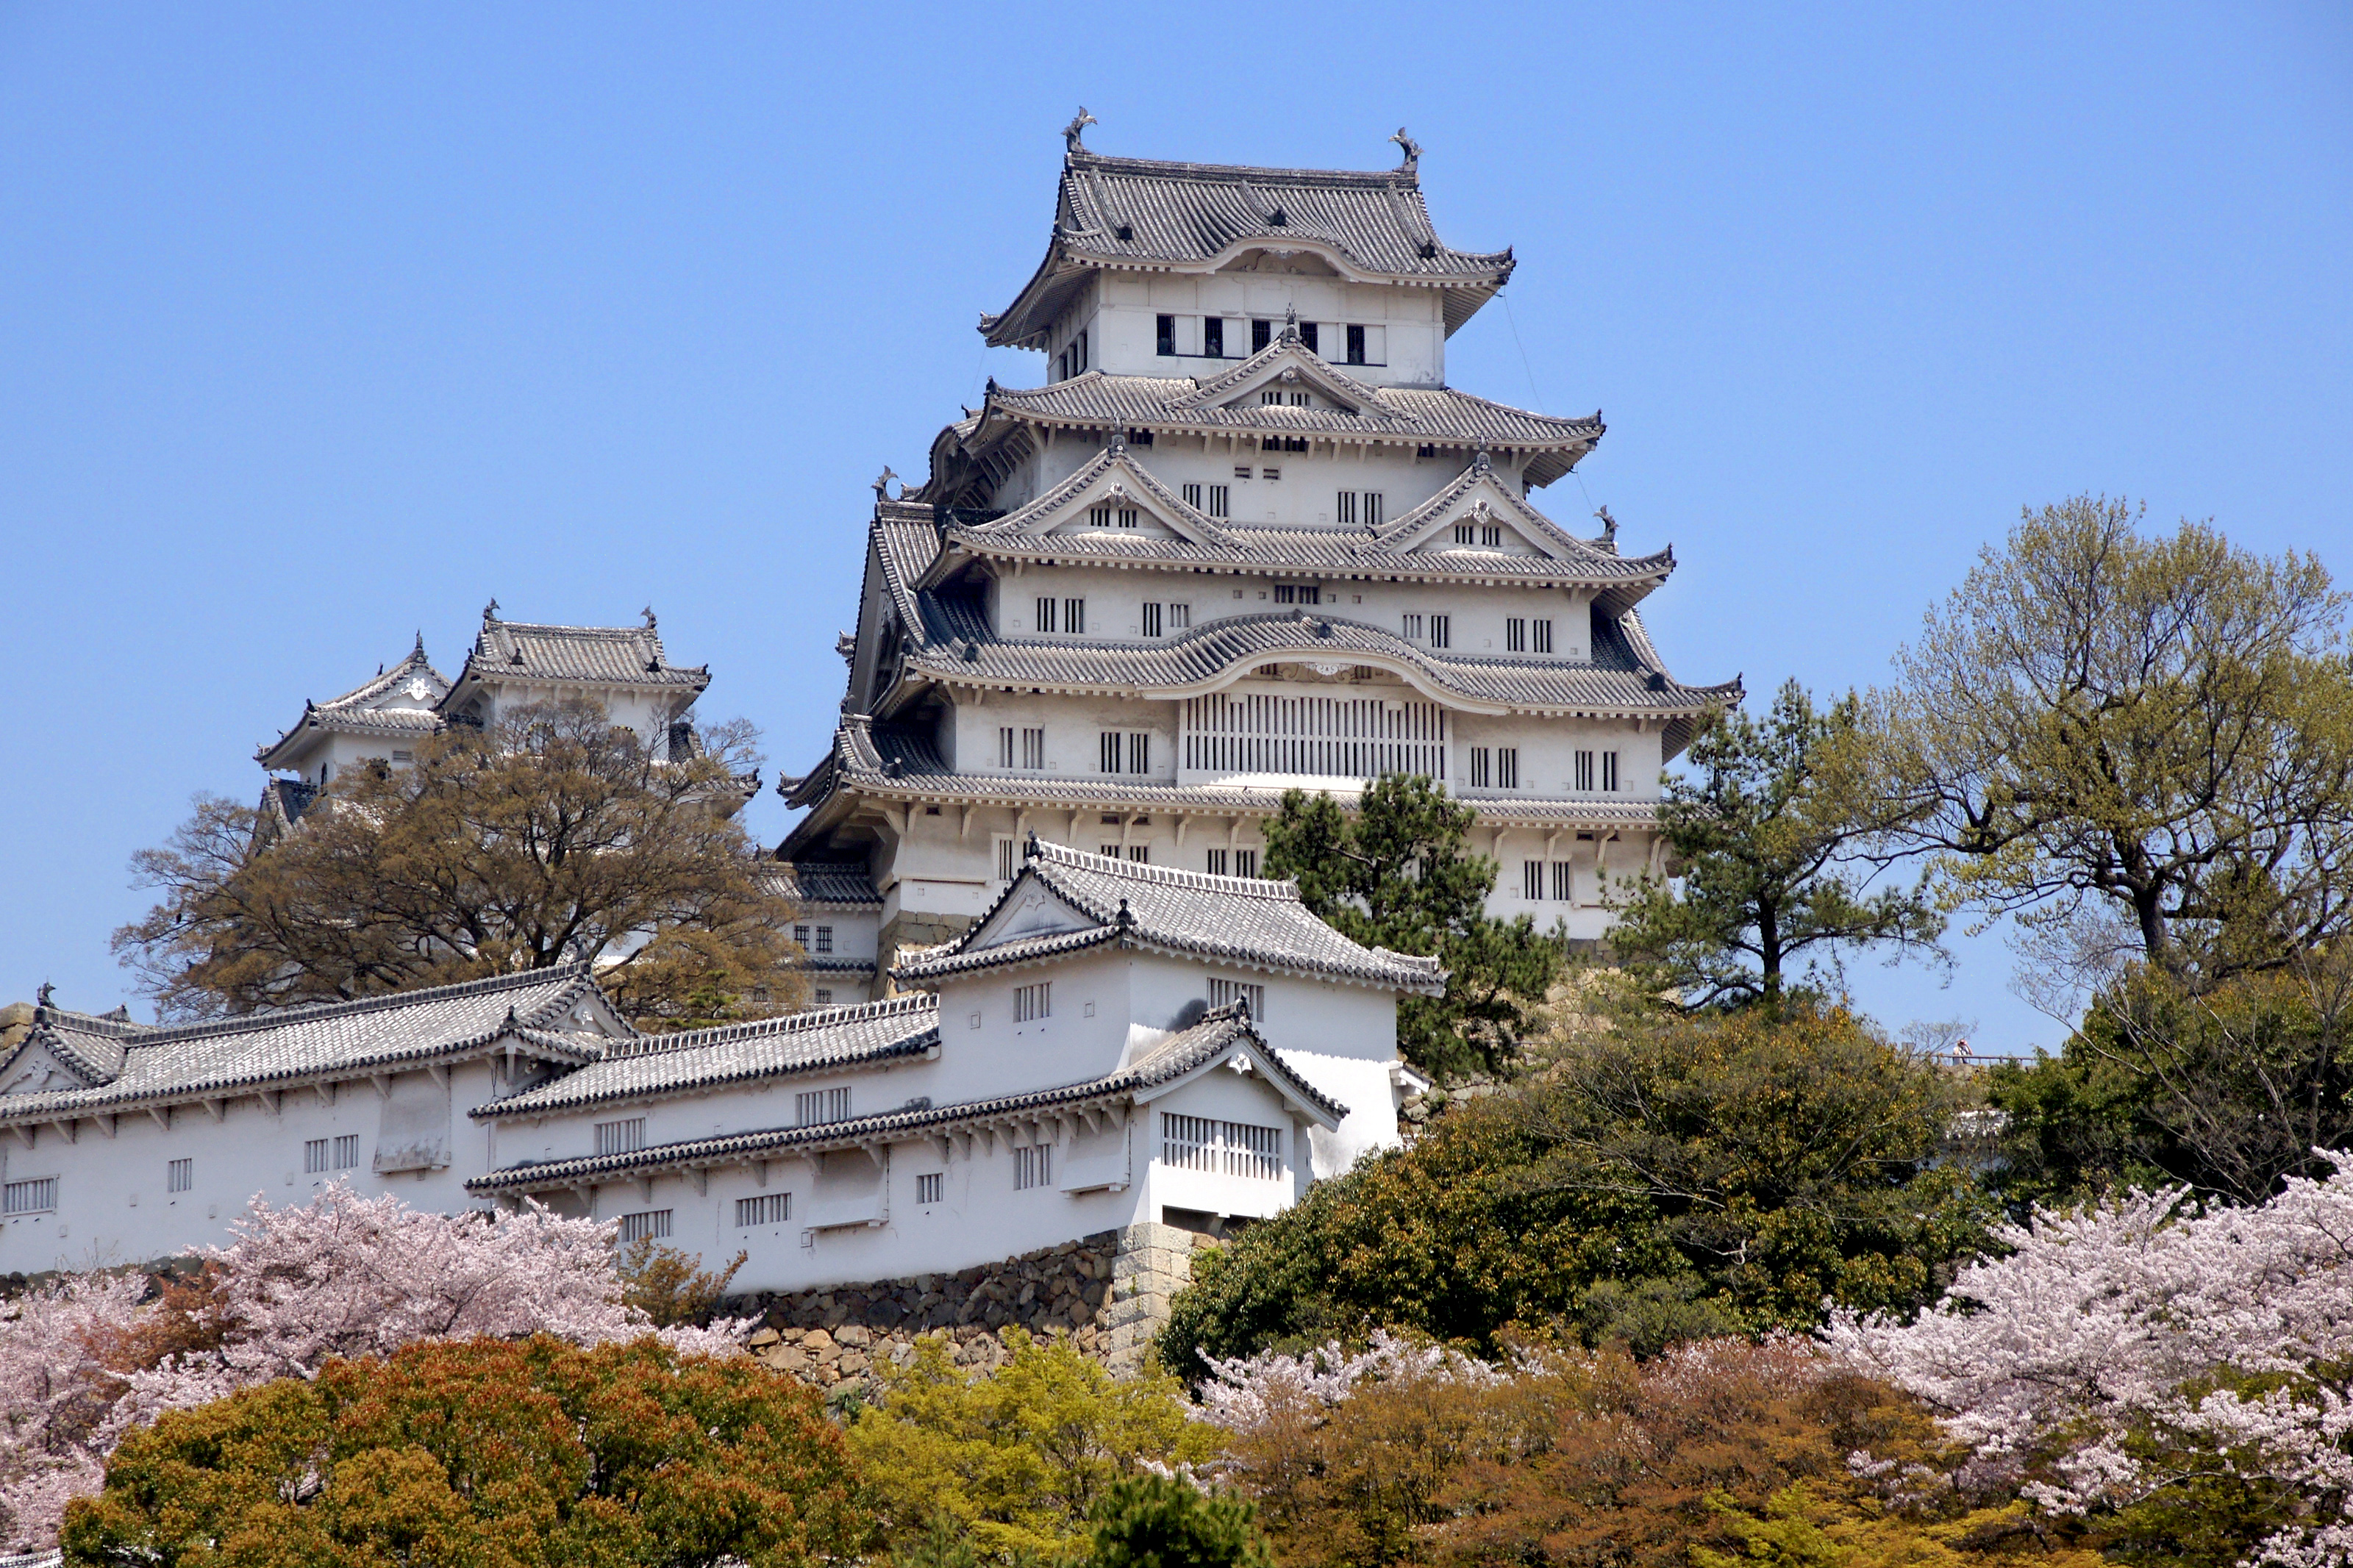 10 best castles in japan to visit hub japan